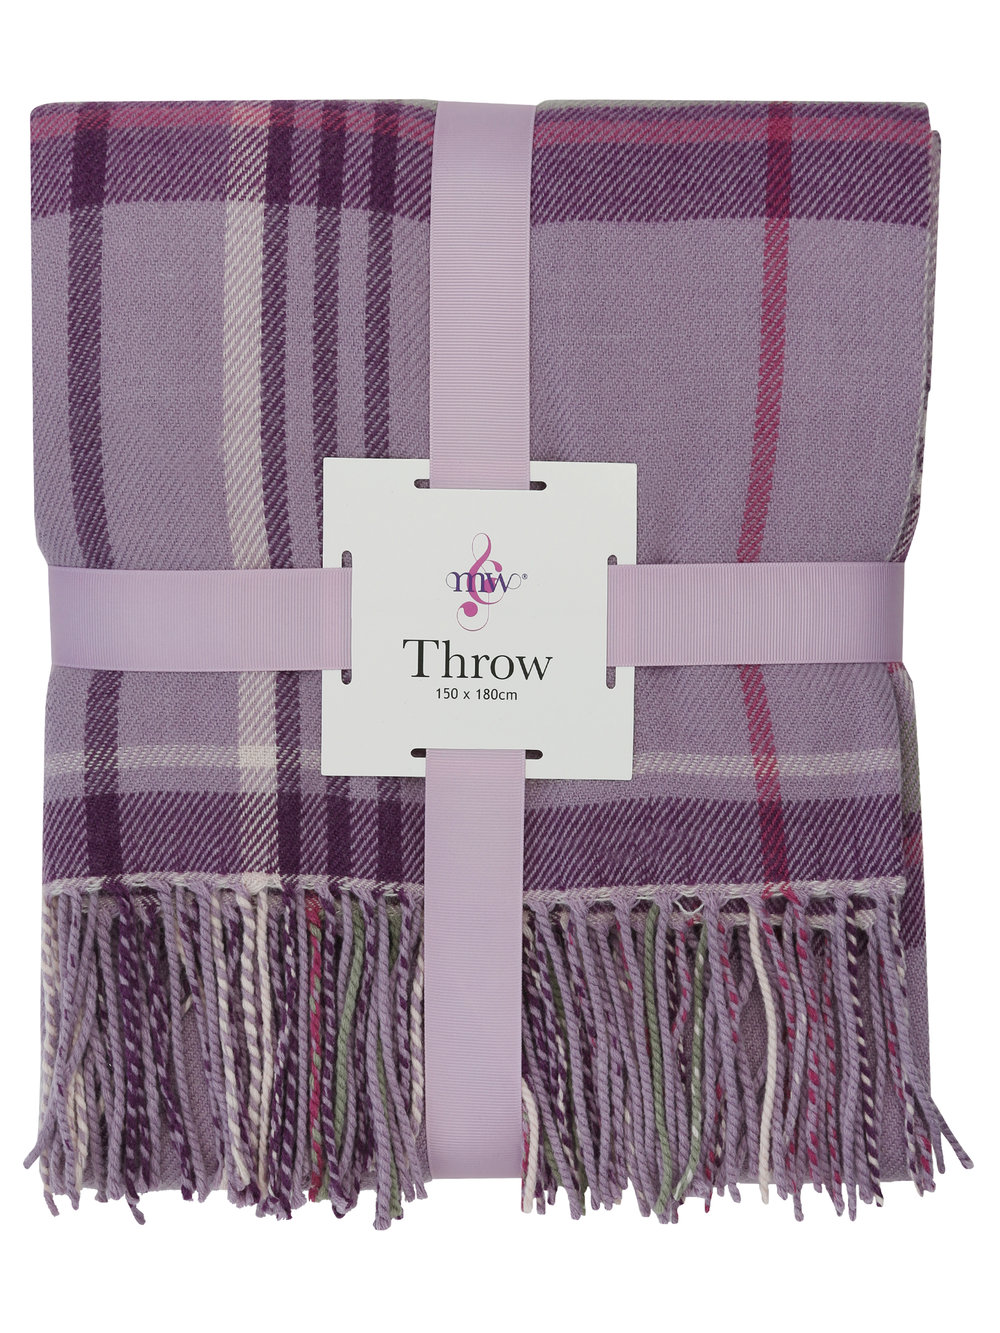 Cosy throw, £20